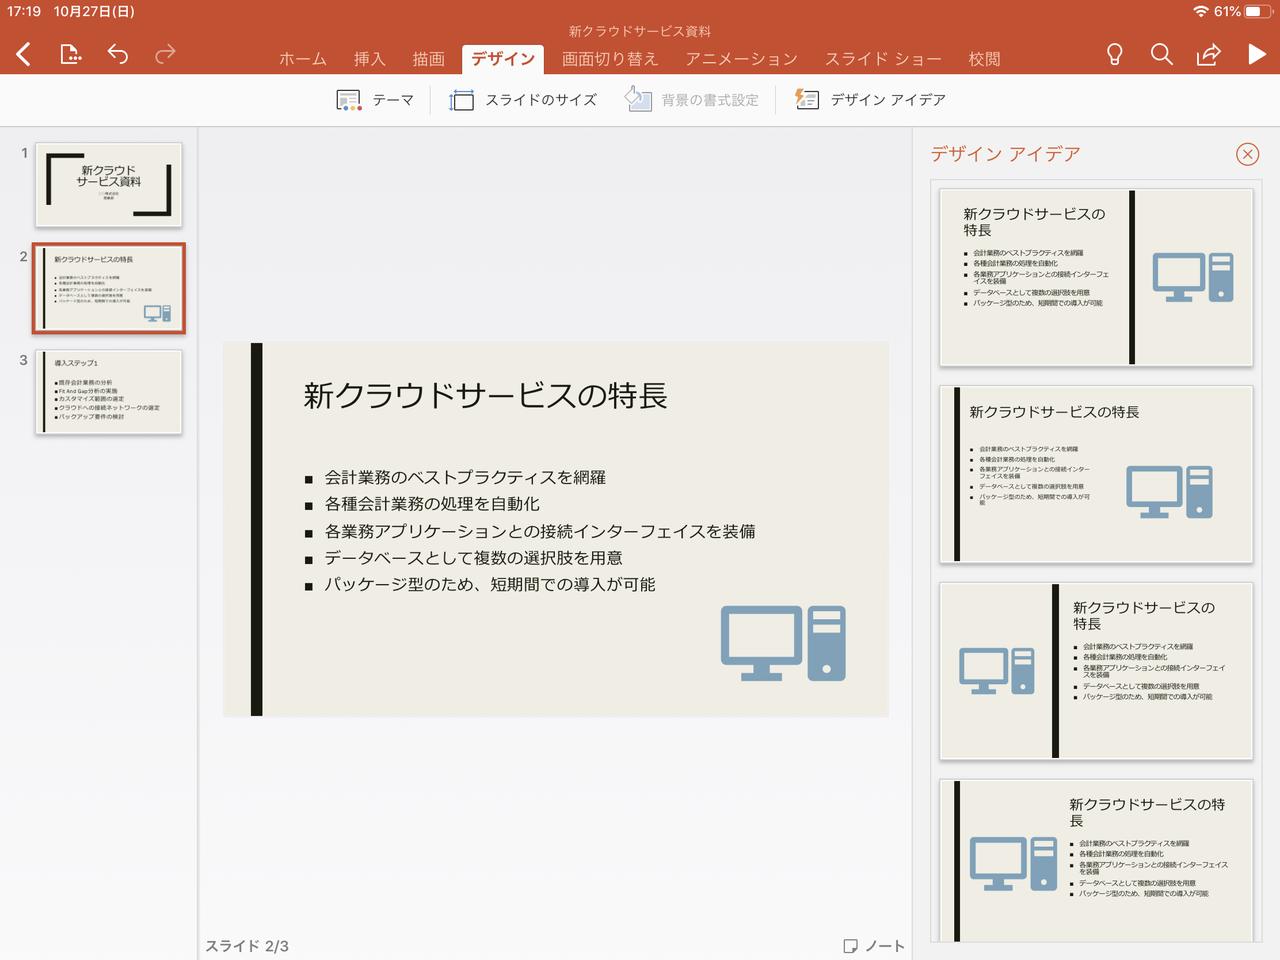 スライドの見た目を整えられるデザインアイデアの機能も便利だ